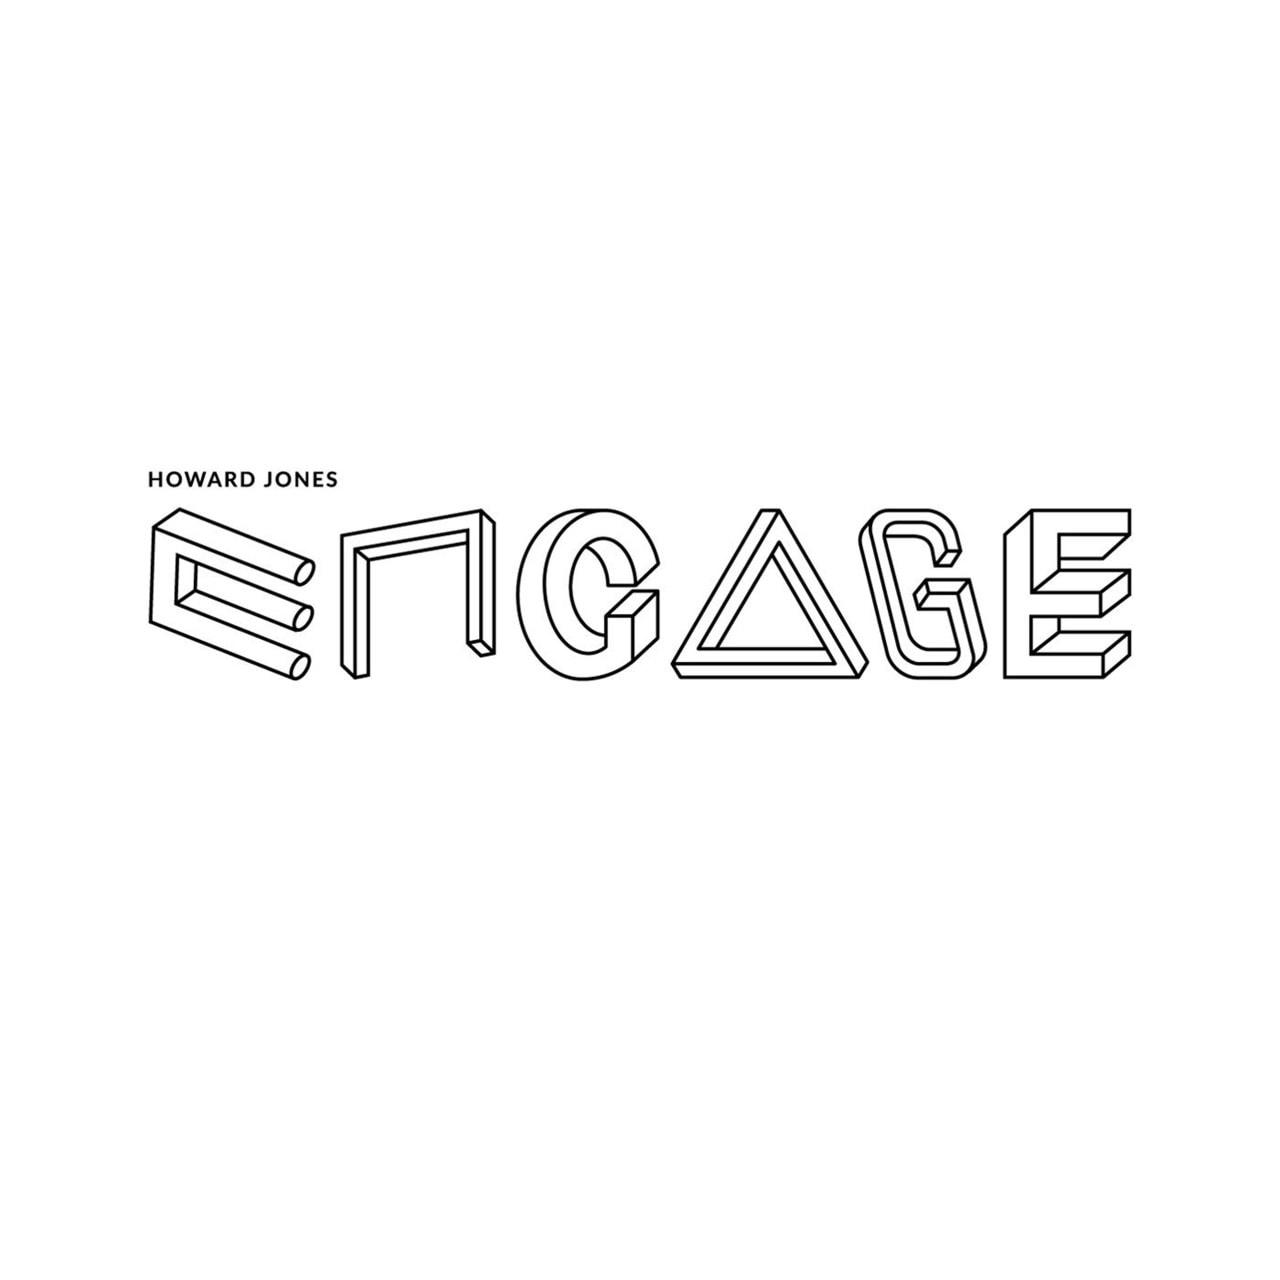 Engage - 1